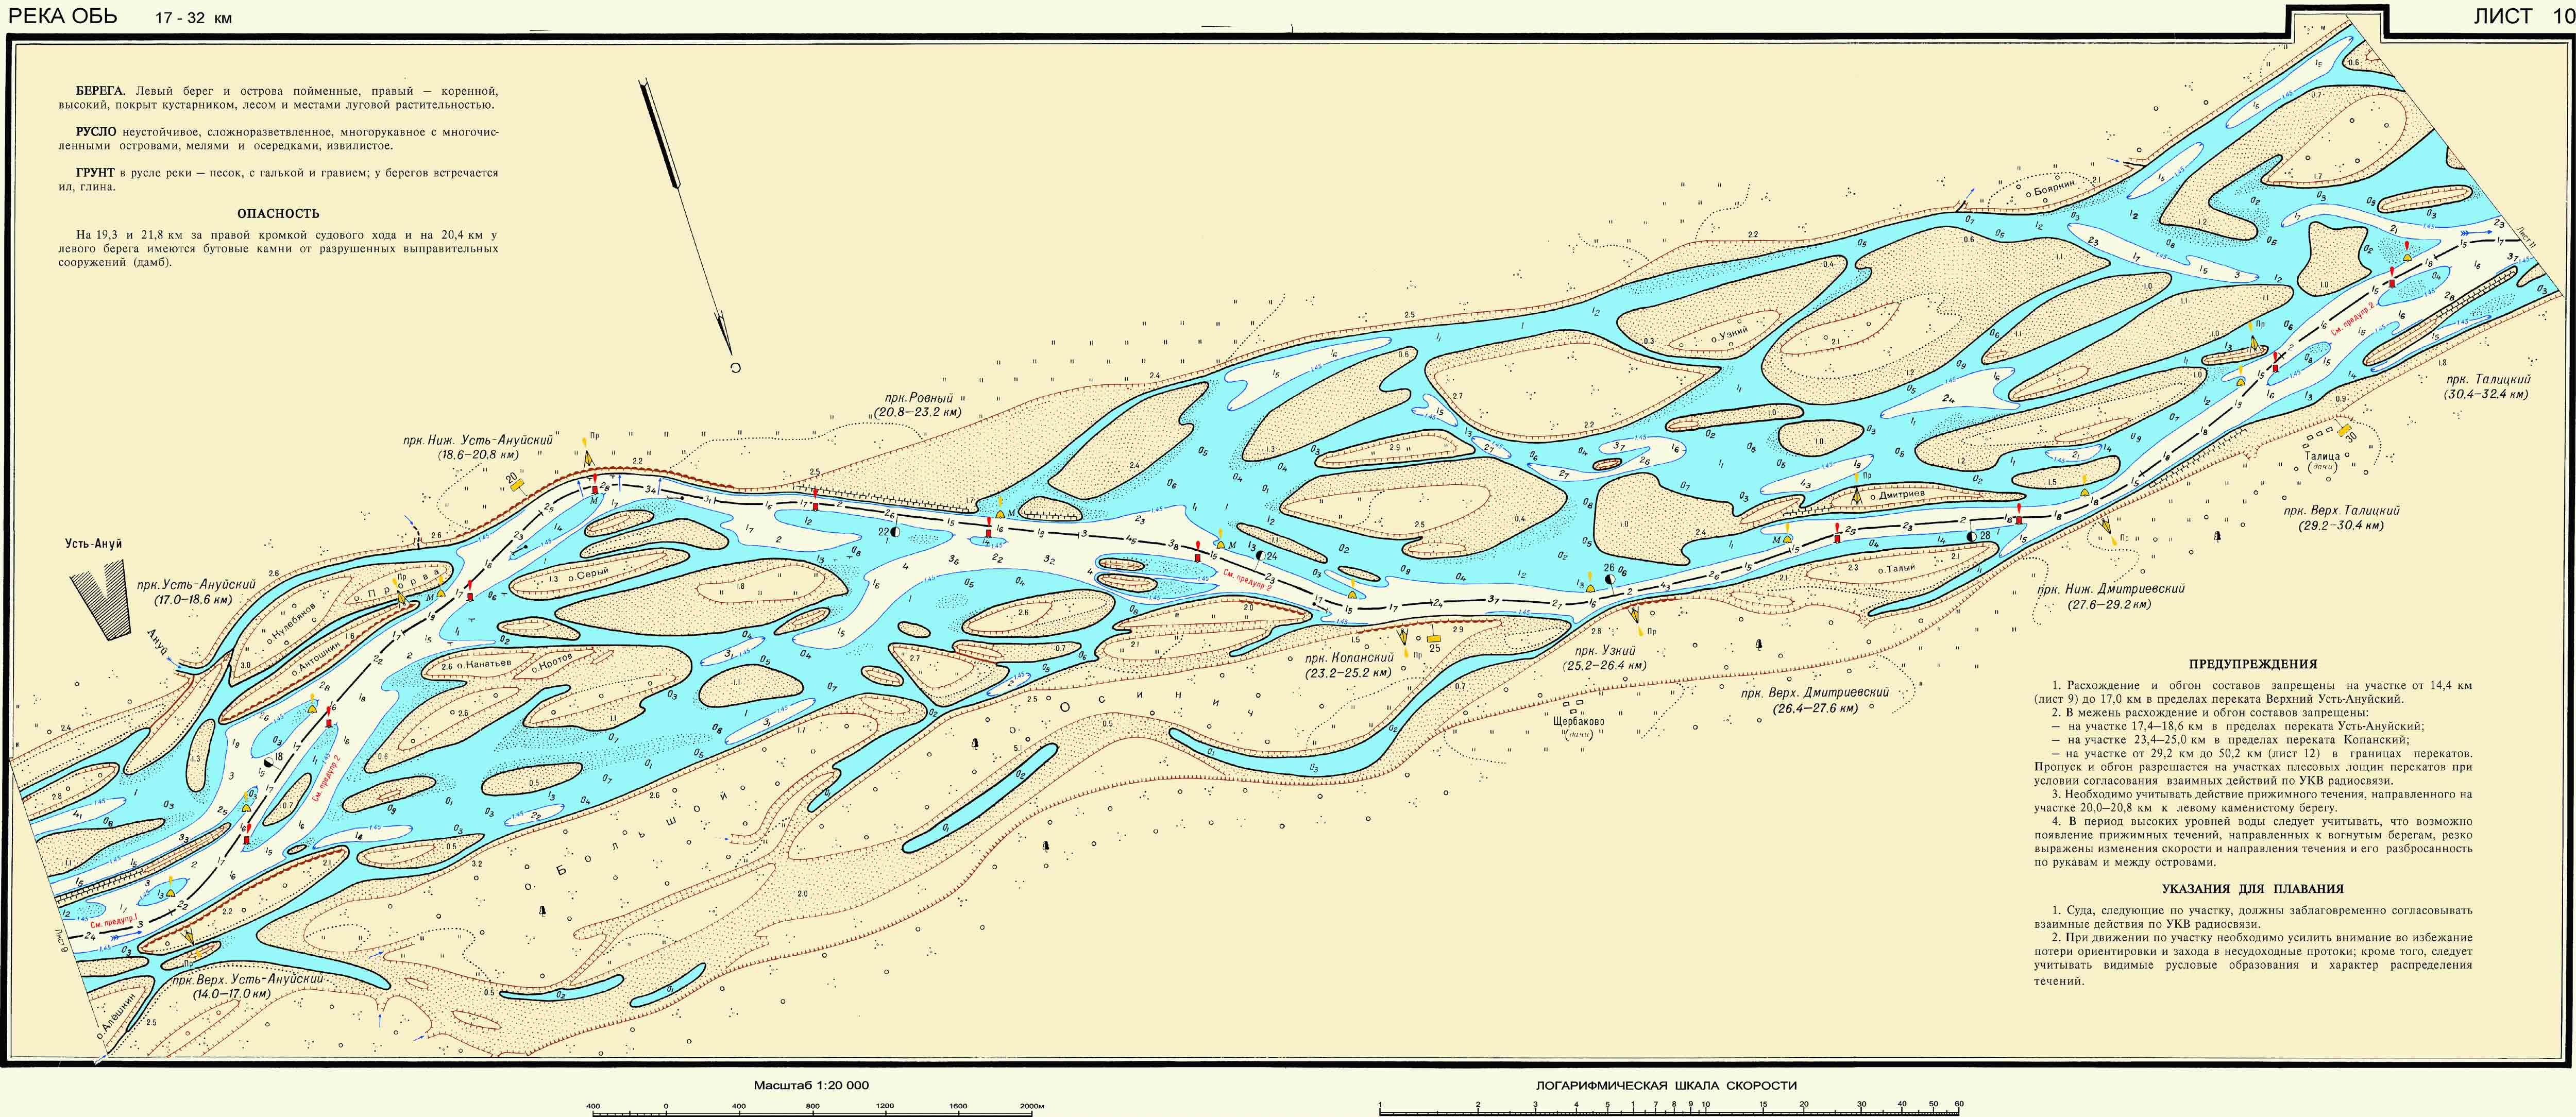 Где находятся исток реки обь на